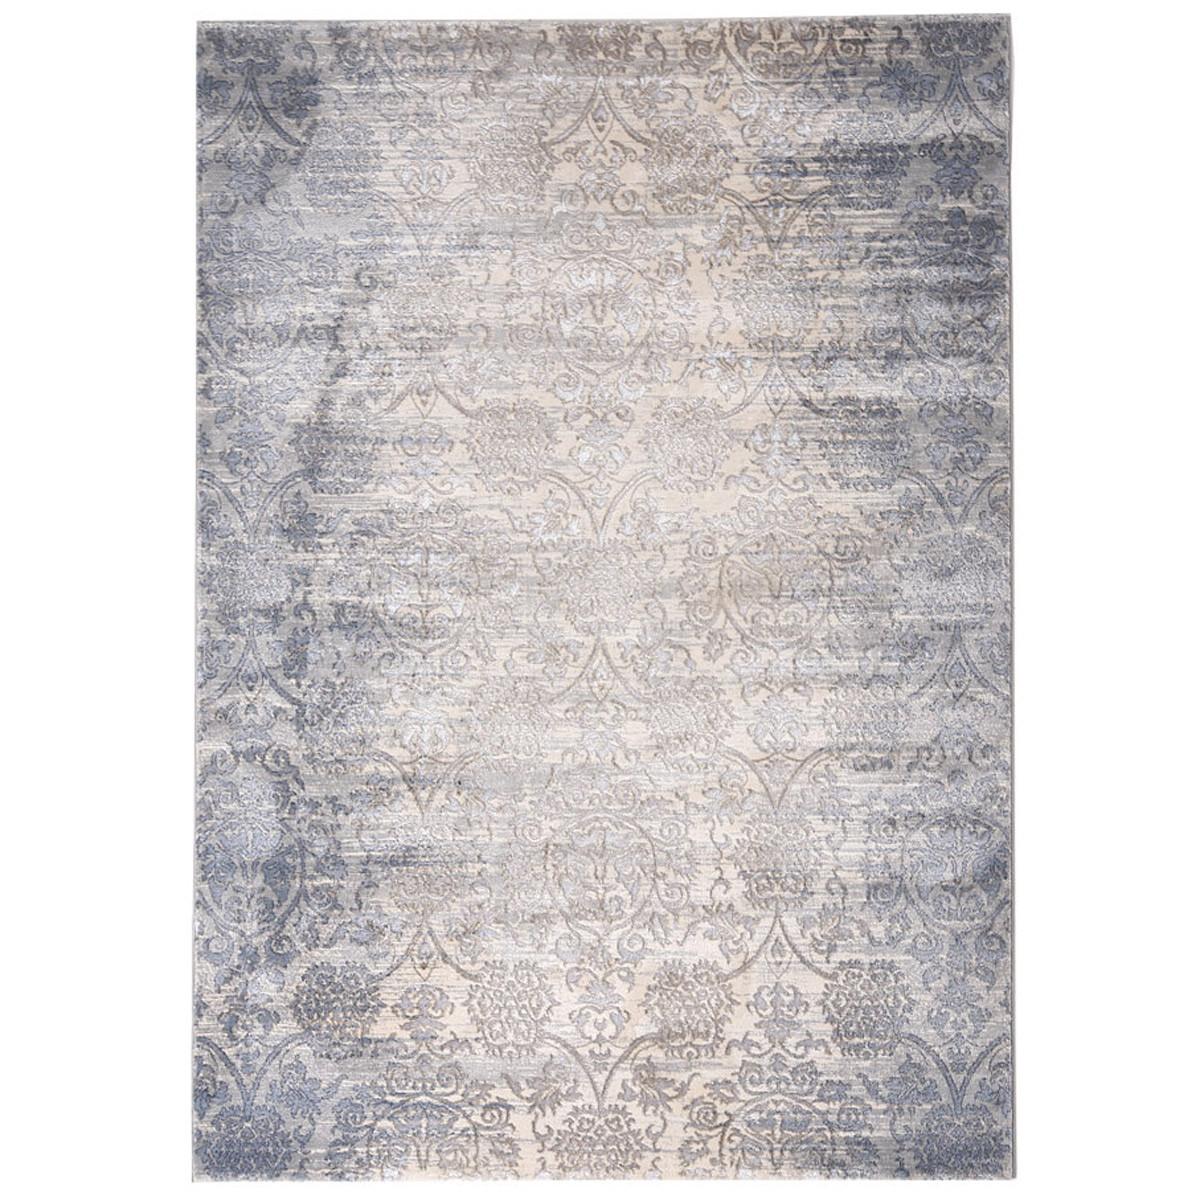 Χαλιά Κρεβατοκάμαρας (Σετ 3τμχ) Royal Carpets Jersey 175 A